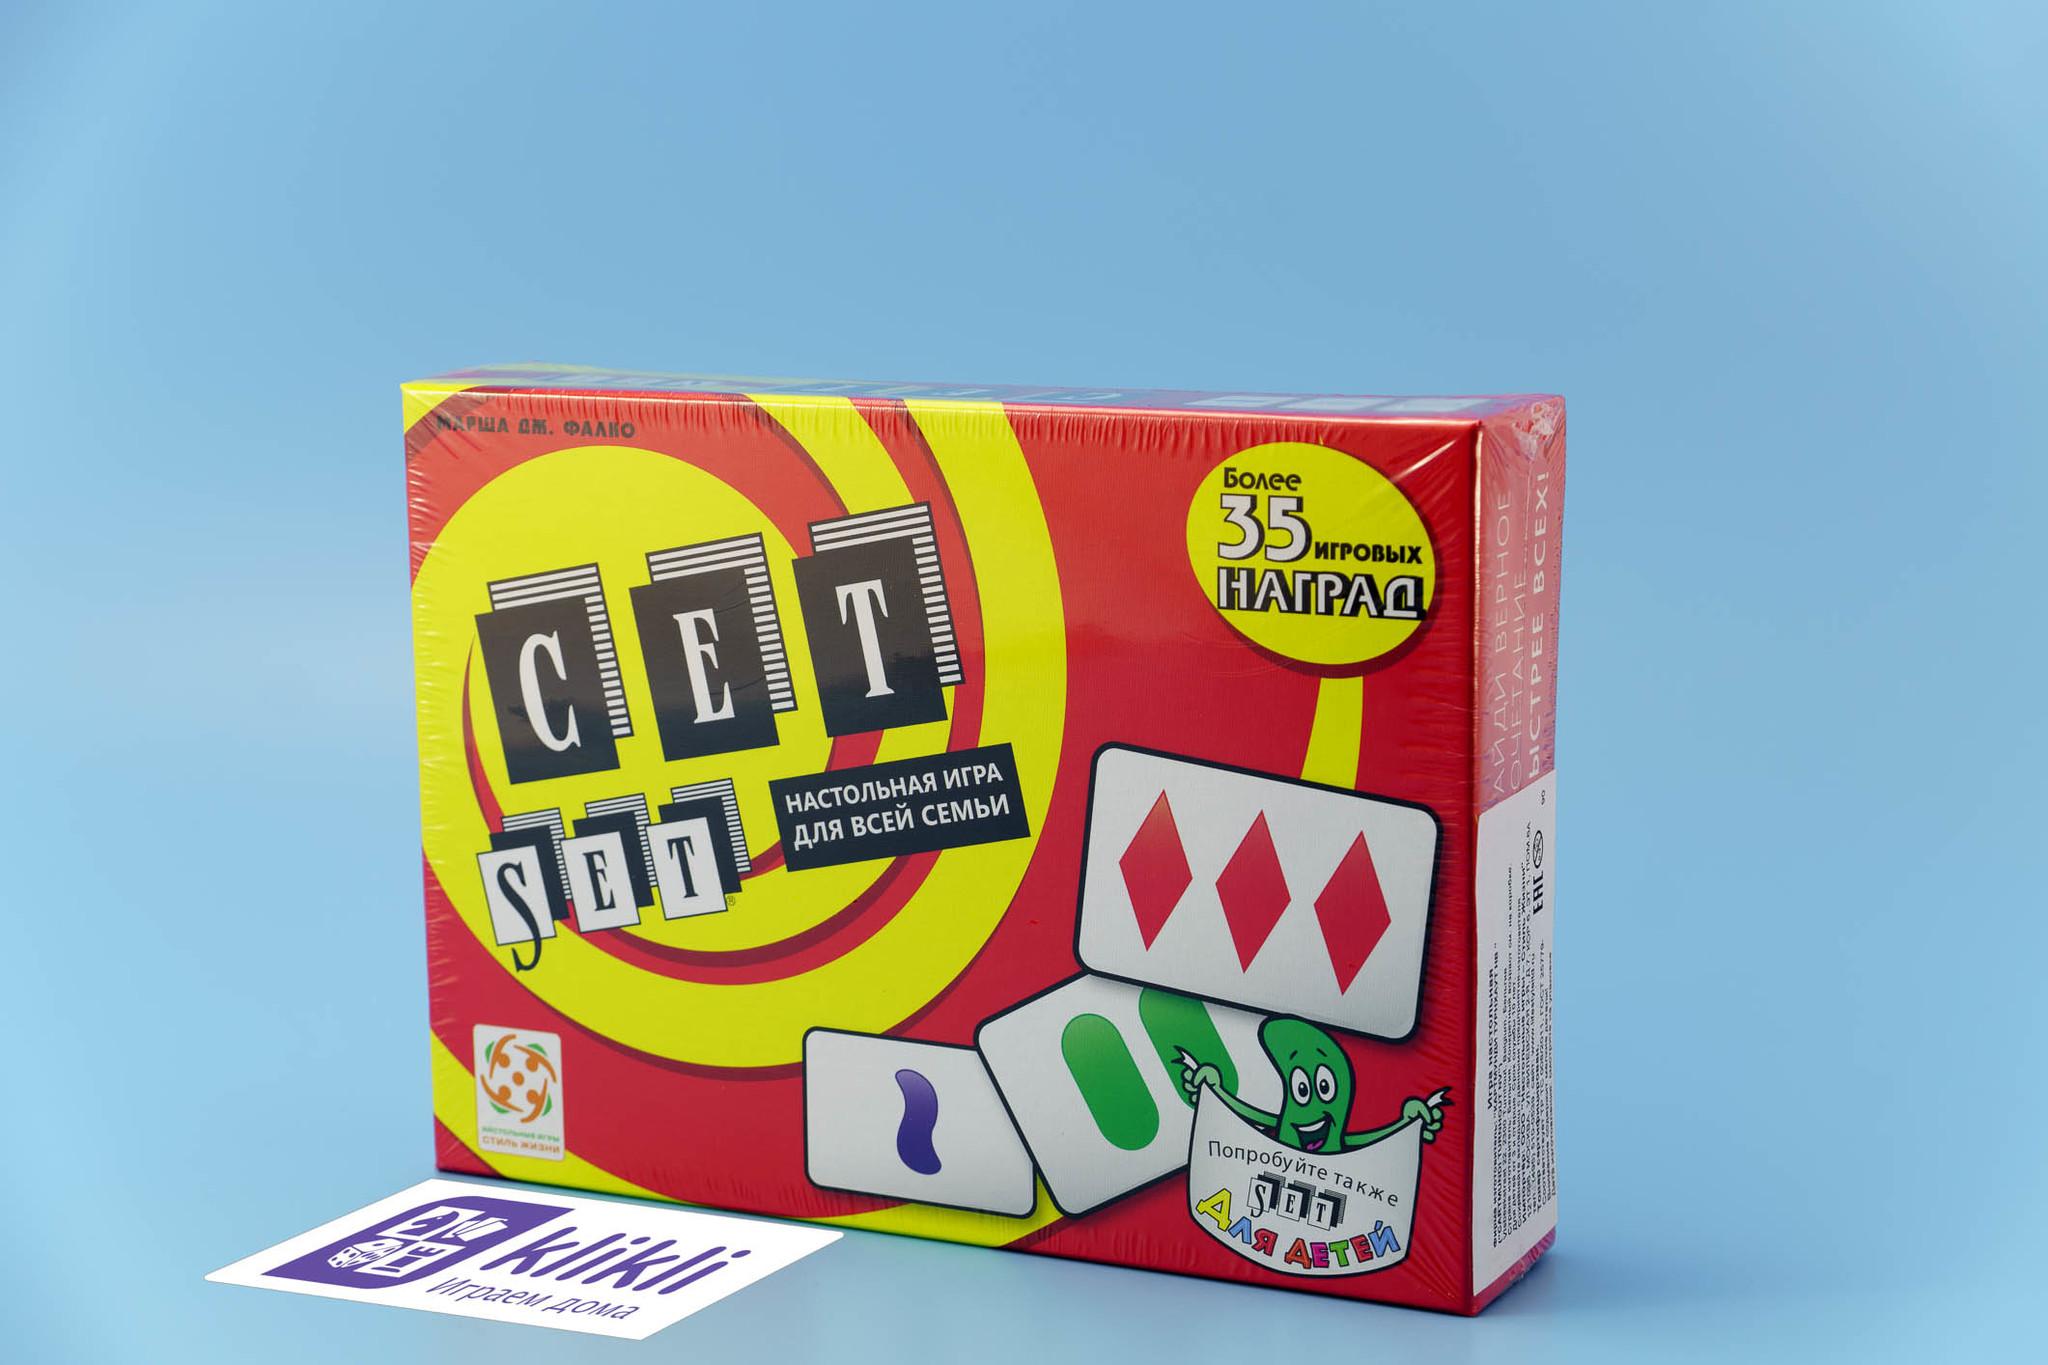 Игровой автомат tinder box